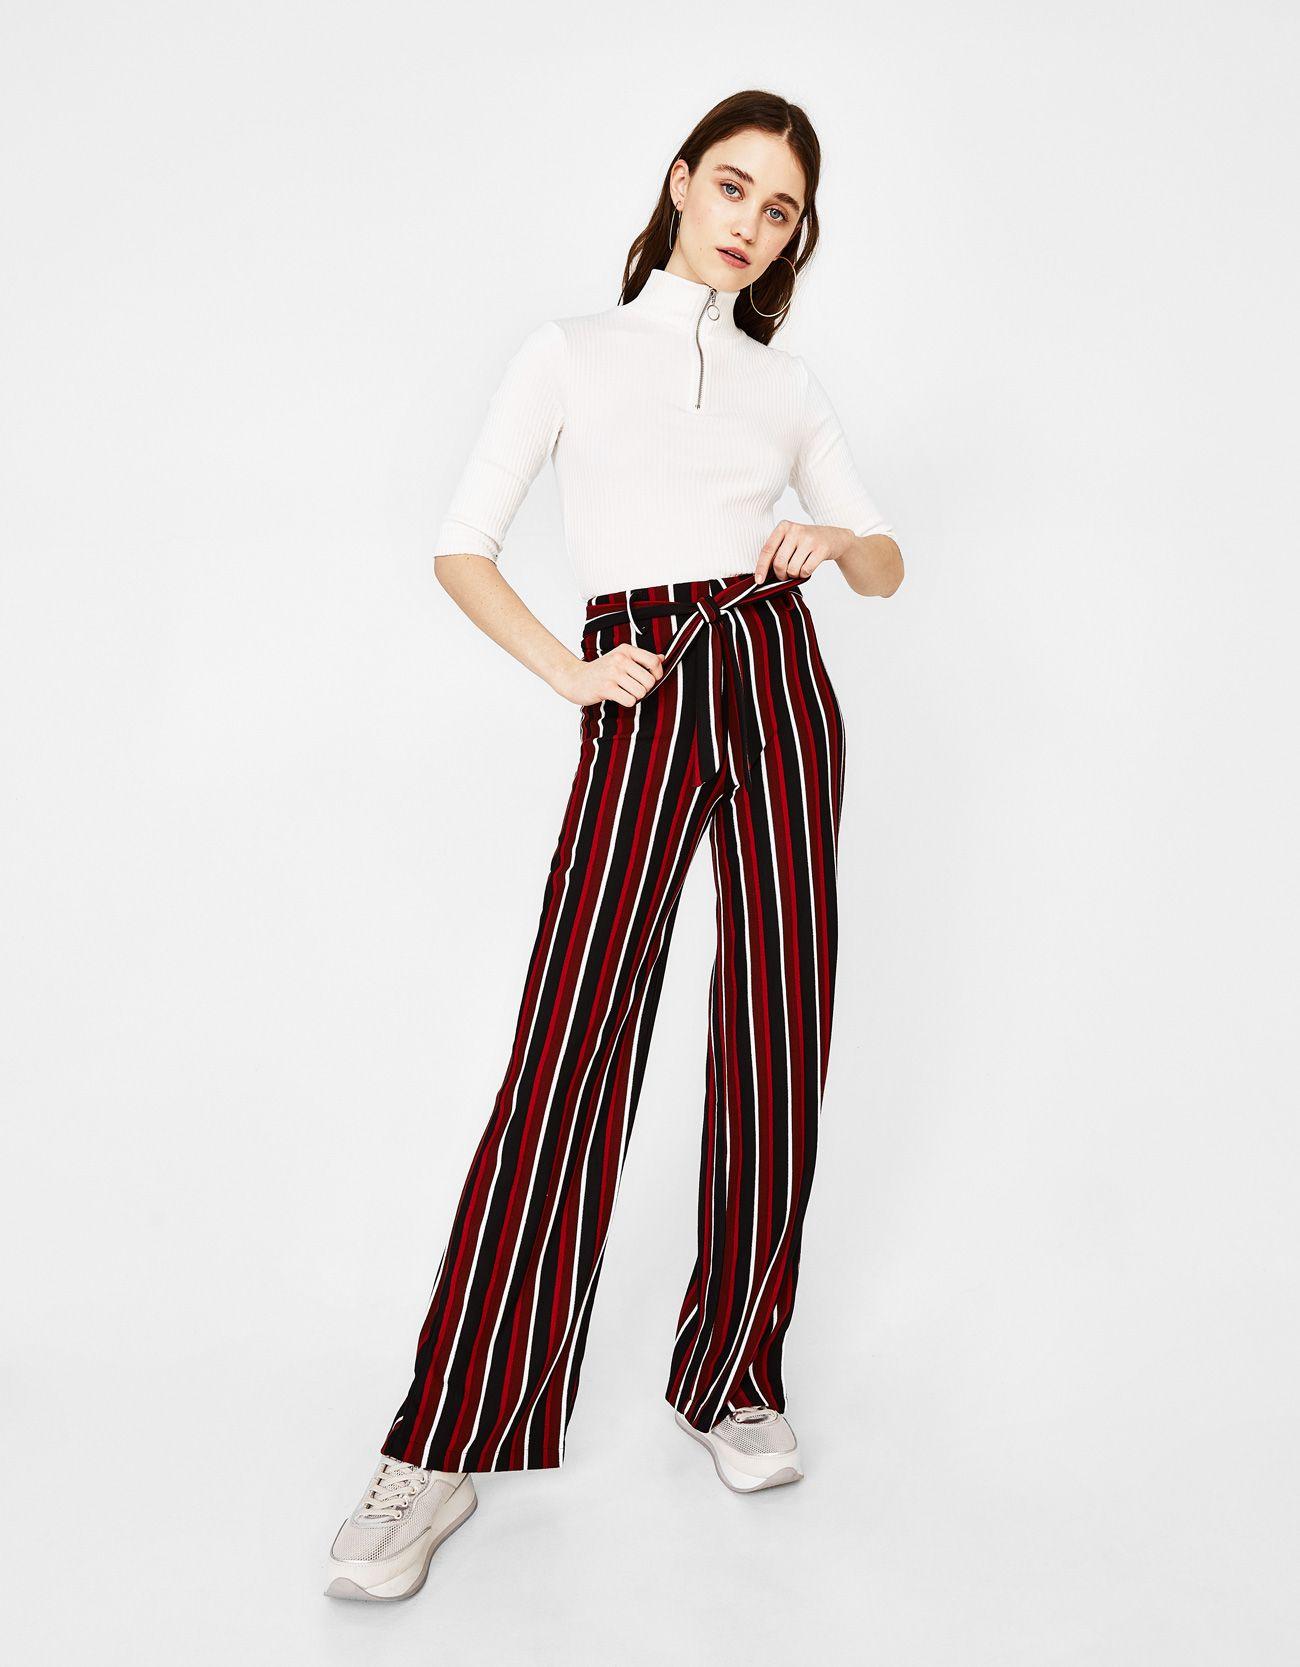 87d2441678 Pantalón ancho de rayas - Pantalones - Bershka España